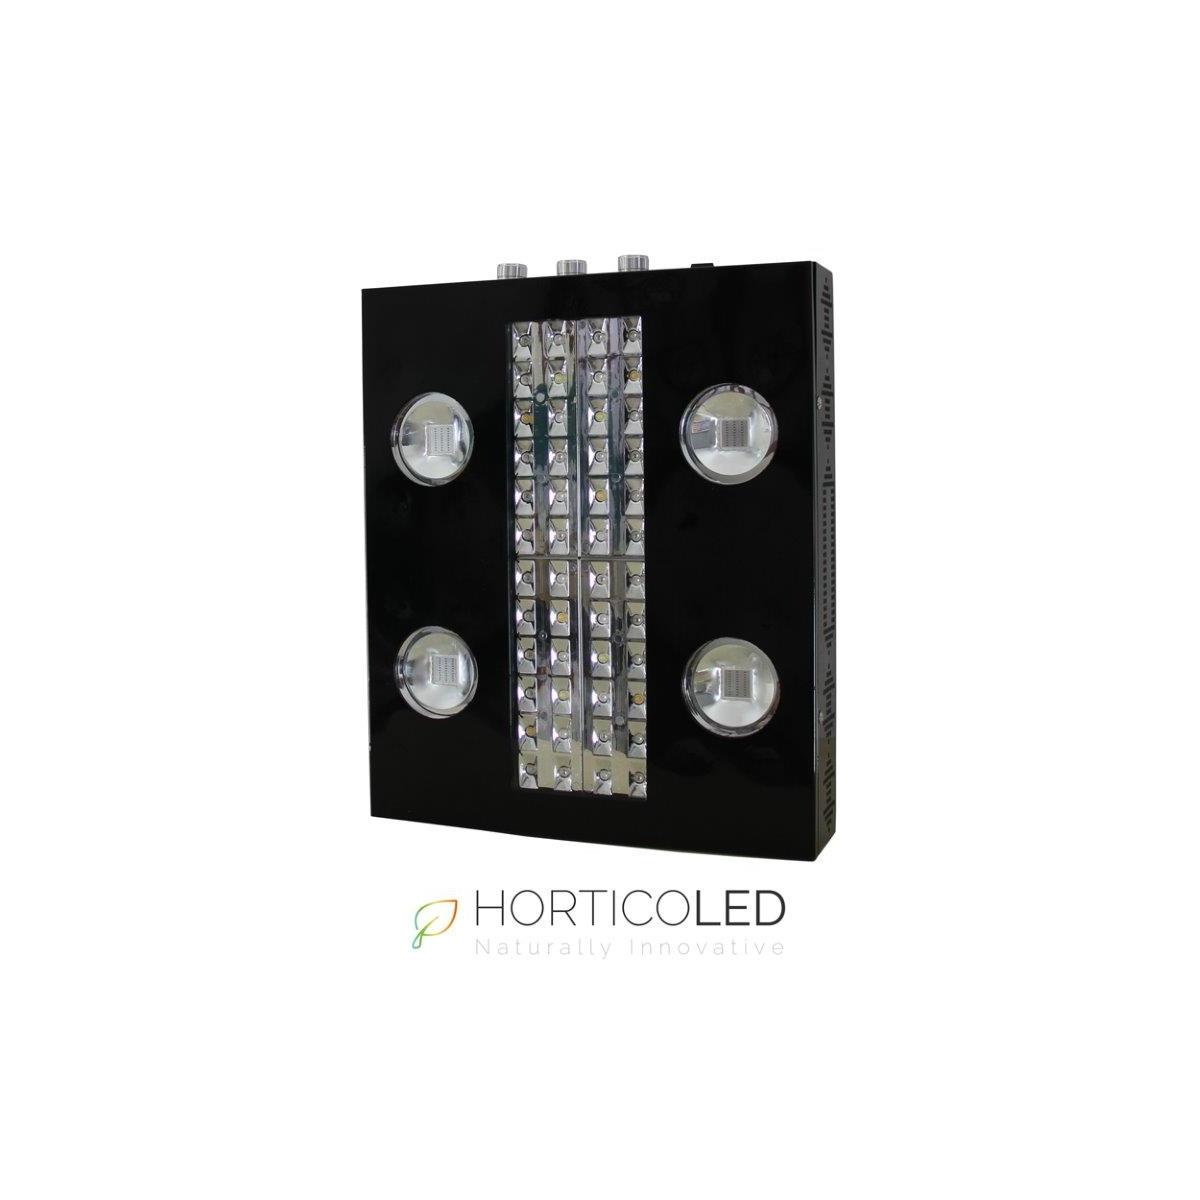 Horticoled panneau led horticole xmax 4 v4 hydrozone - Panneau led culture ...